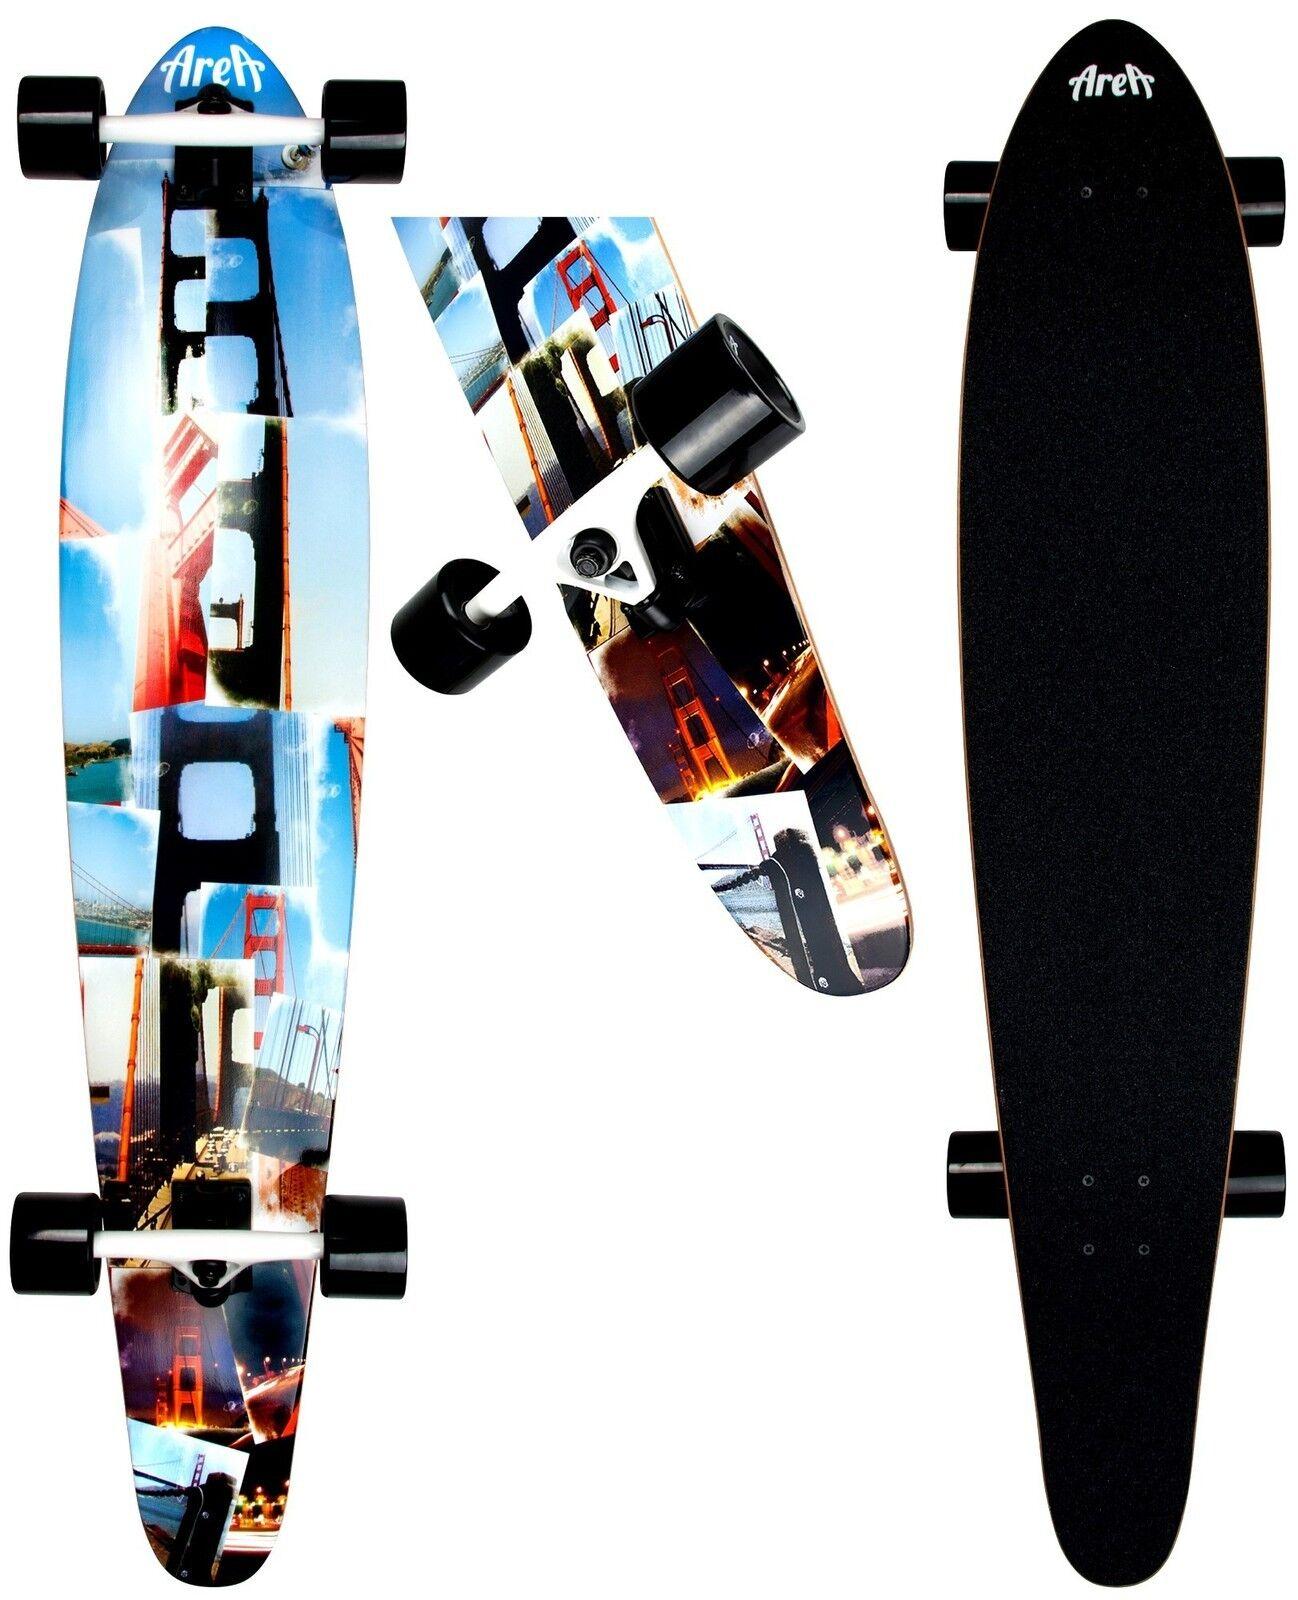 Longboard AREA AREA AREA San Fran Modell  Skateboard Neu de6b26